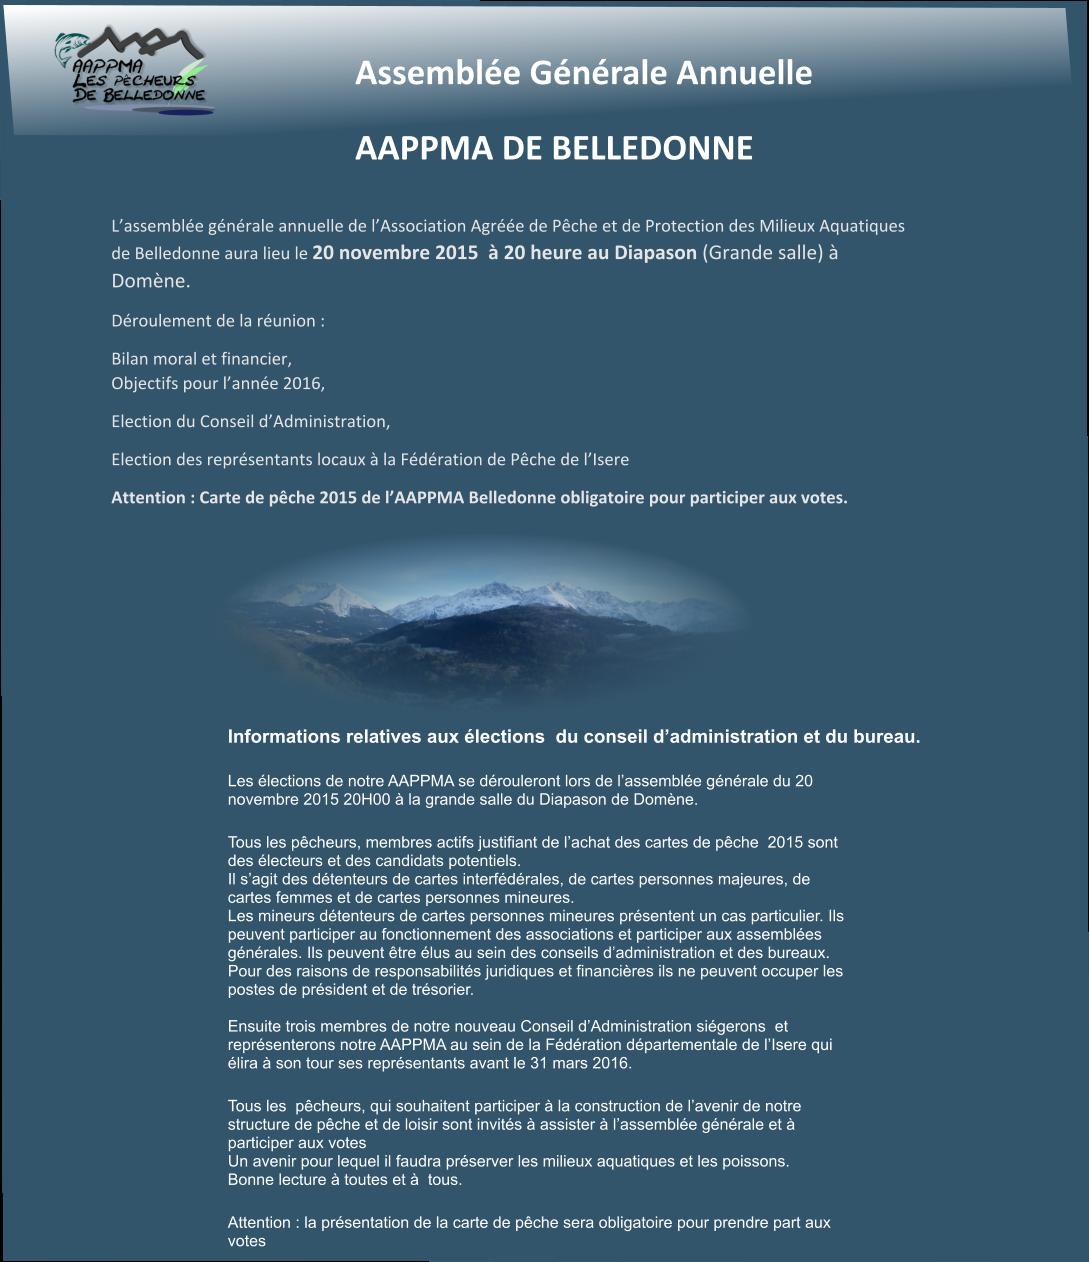 ASSEMBLÉE GÉNÉRALE ANNUELLE DE L'AAPPMA DE BELLEDONNE (38)